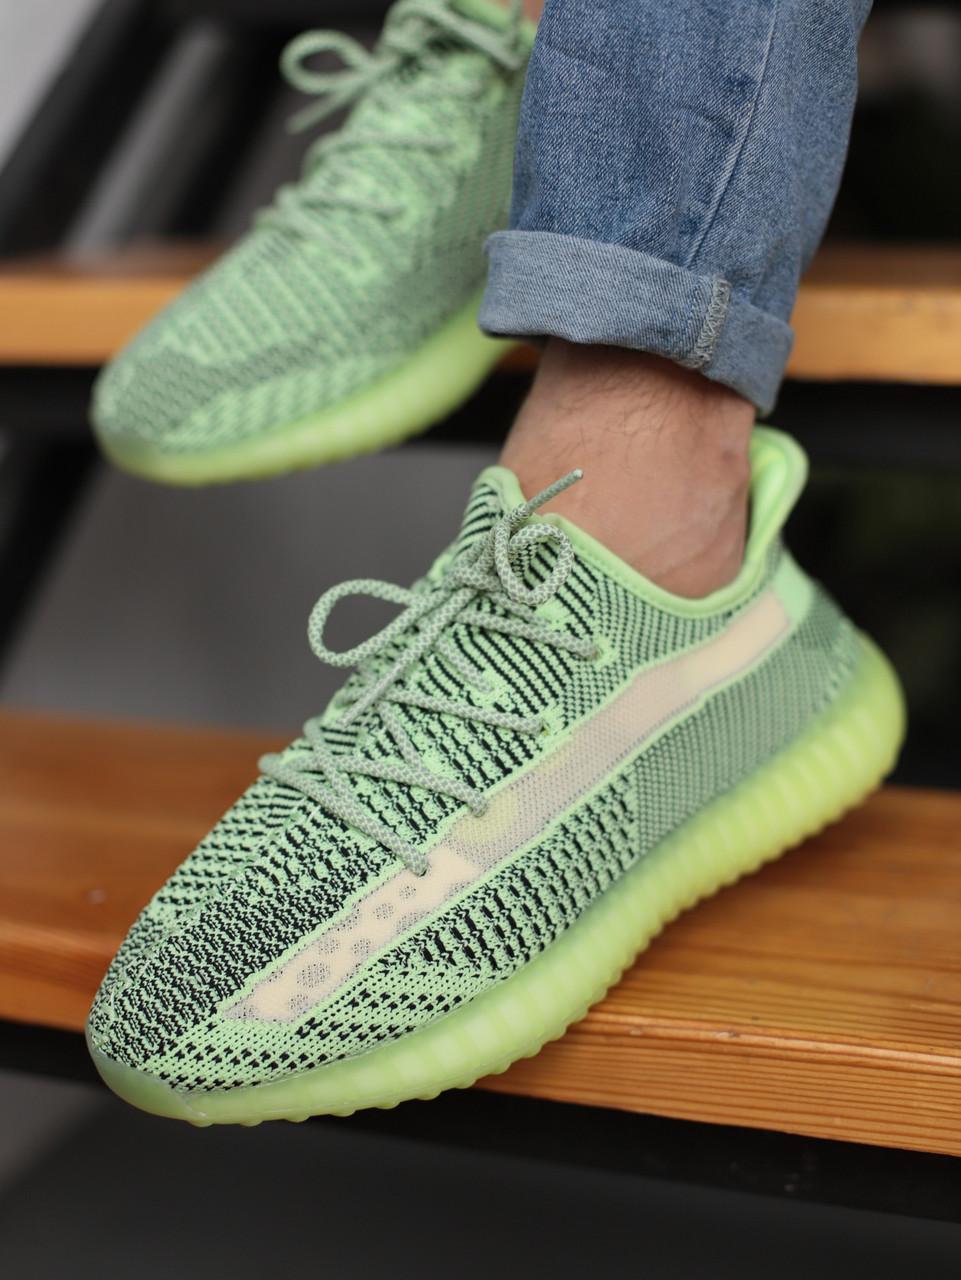 Жіночі кросівки Adidas Yeezy Boost 350 V2 \ Адідас Ізі Буст 350 \ Жіночі кросівки Адідас Ізі Буст 350